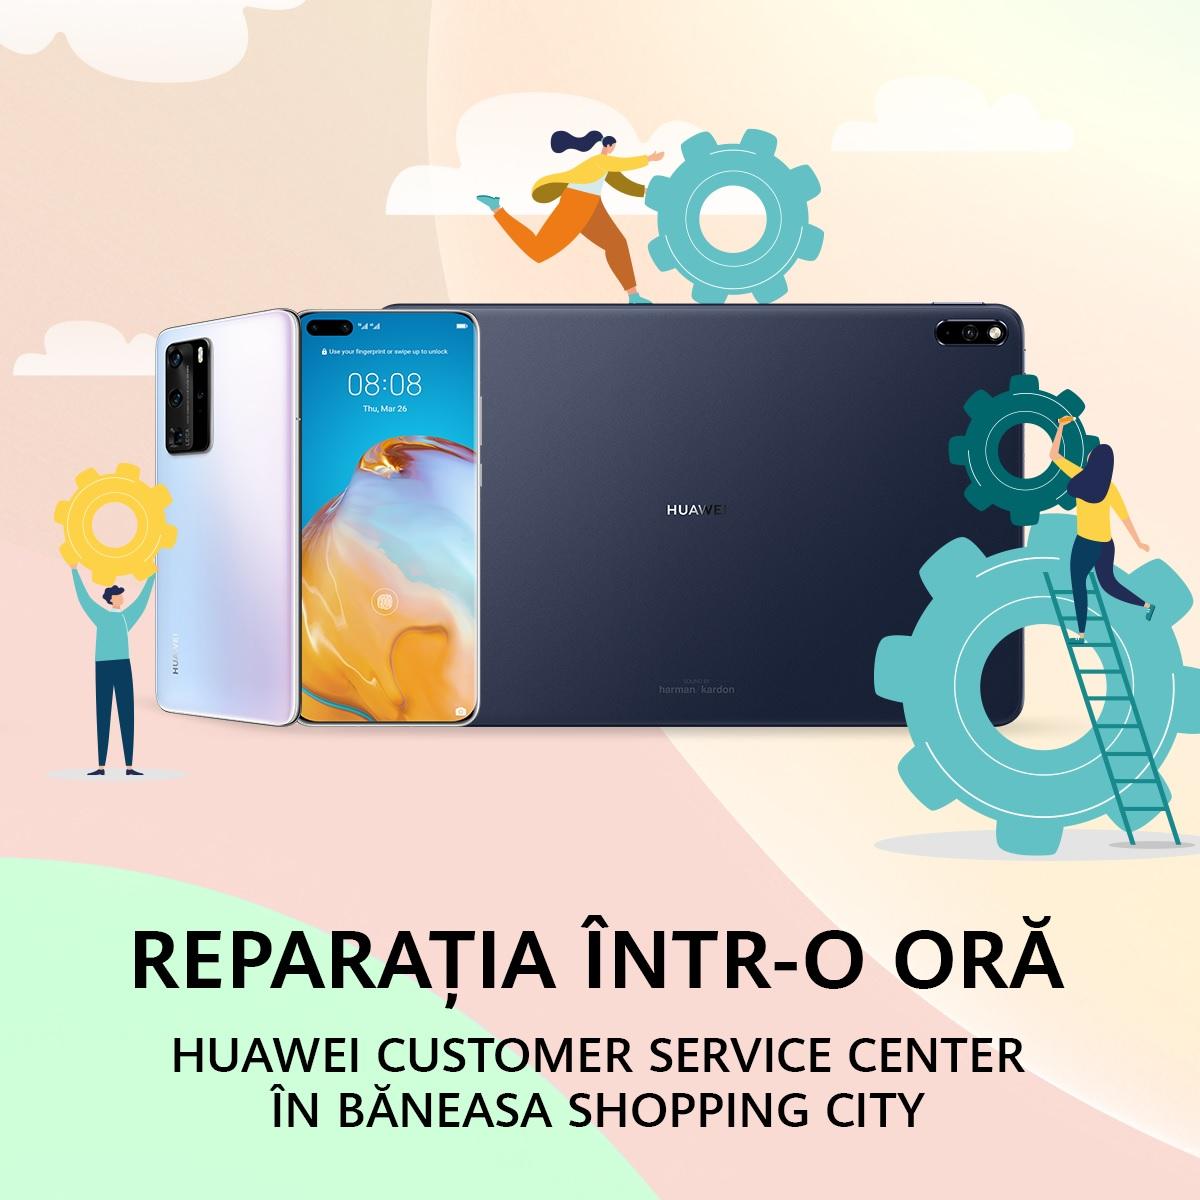 Huawei deschide un nou service în Băneasa